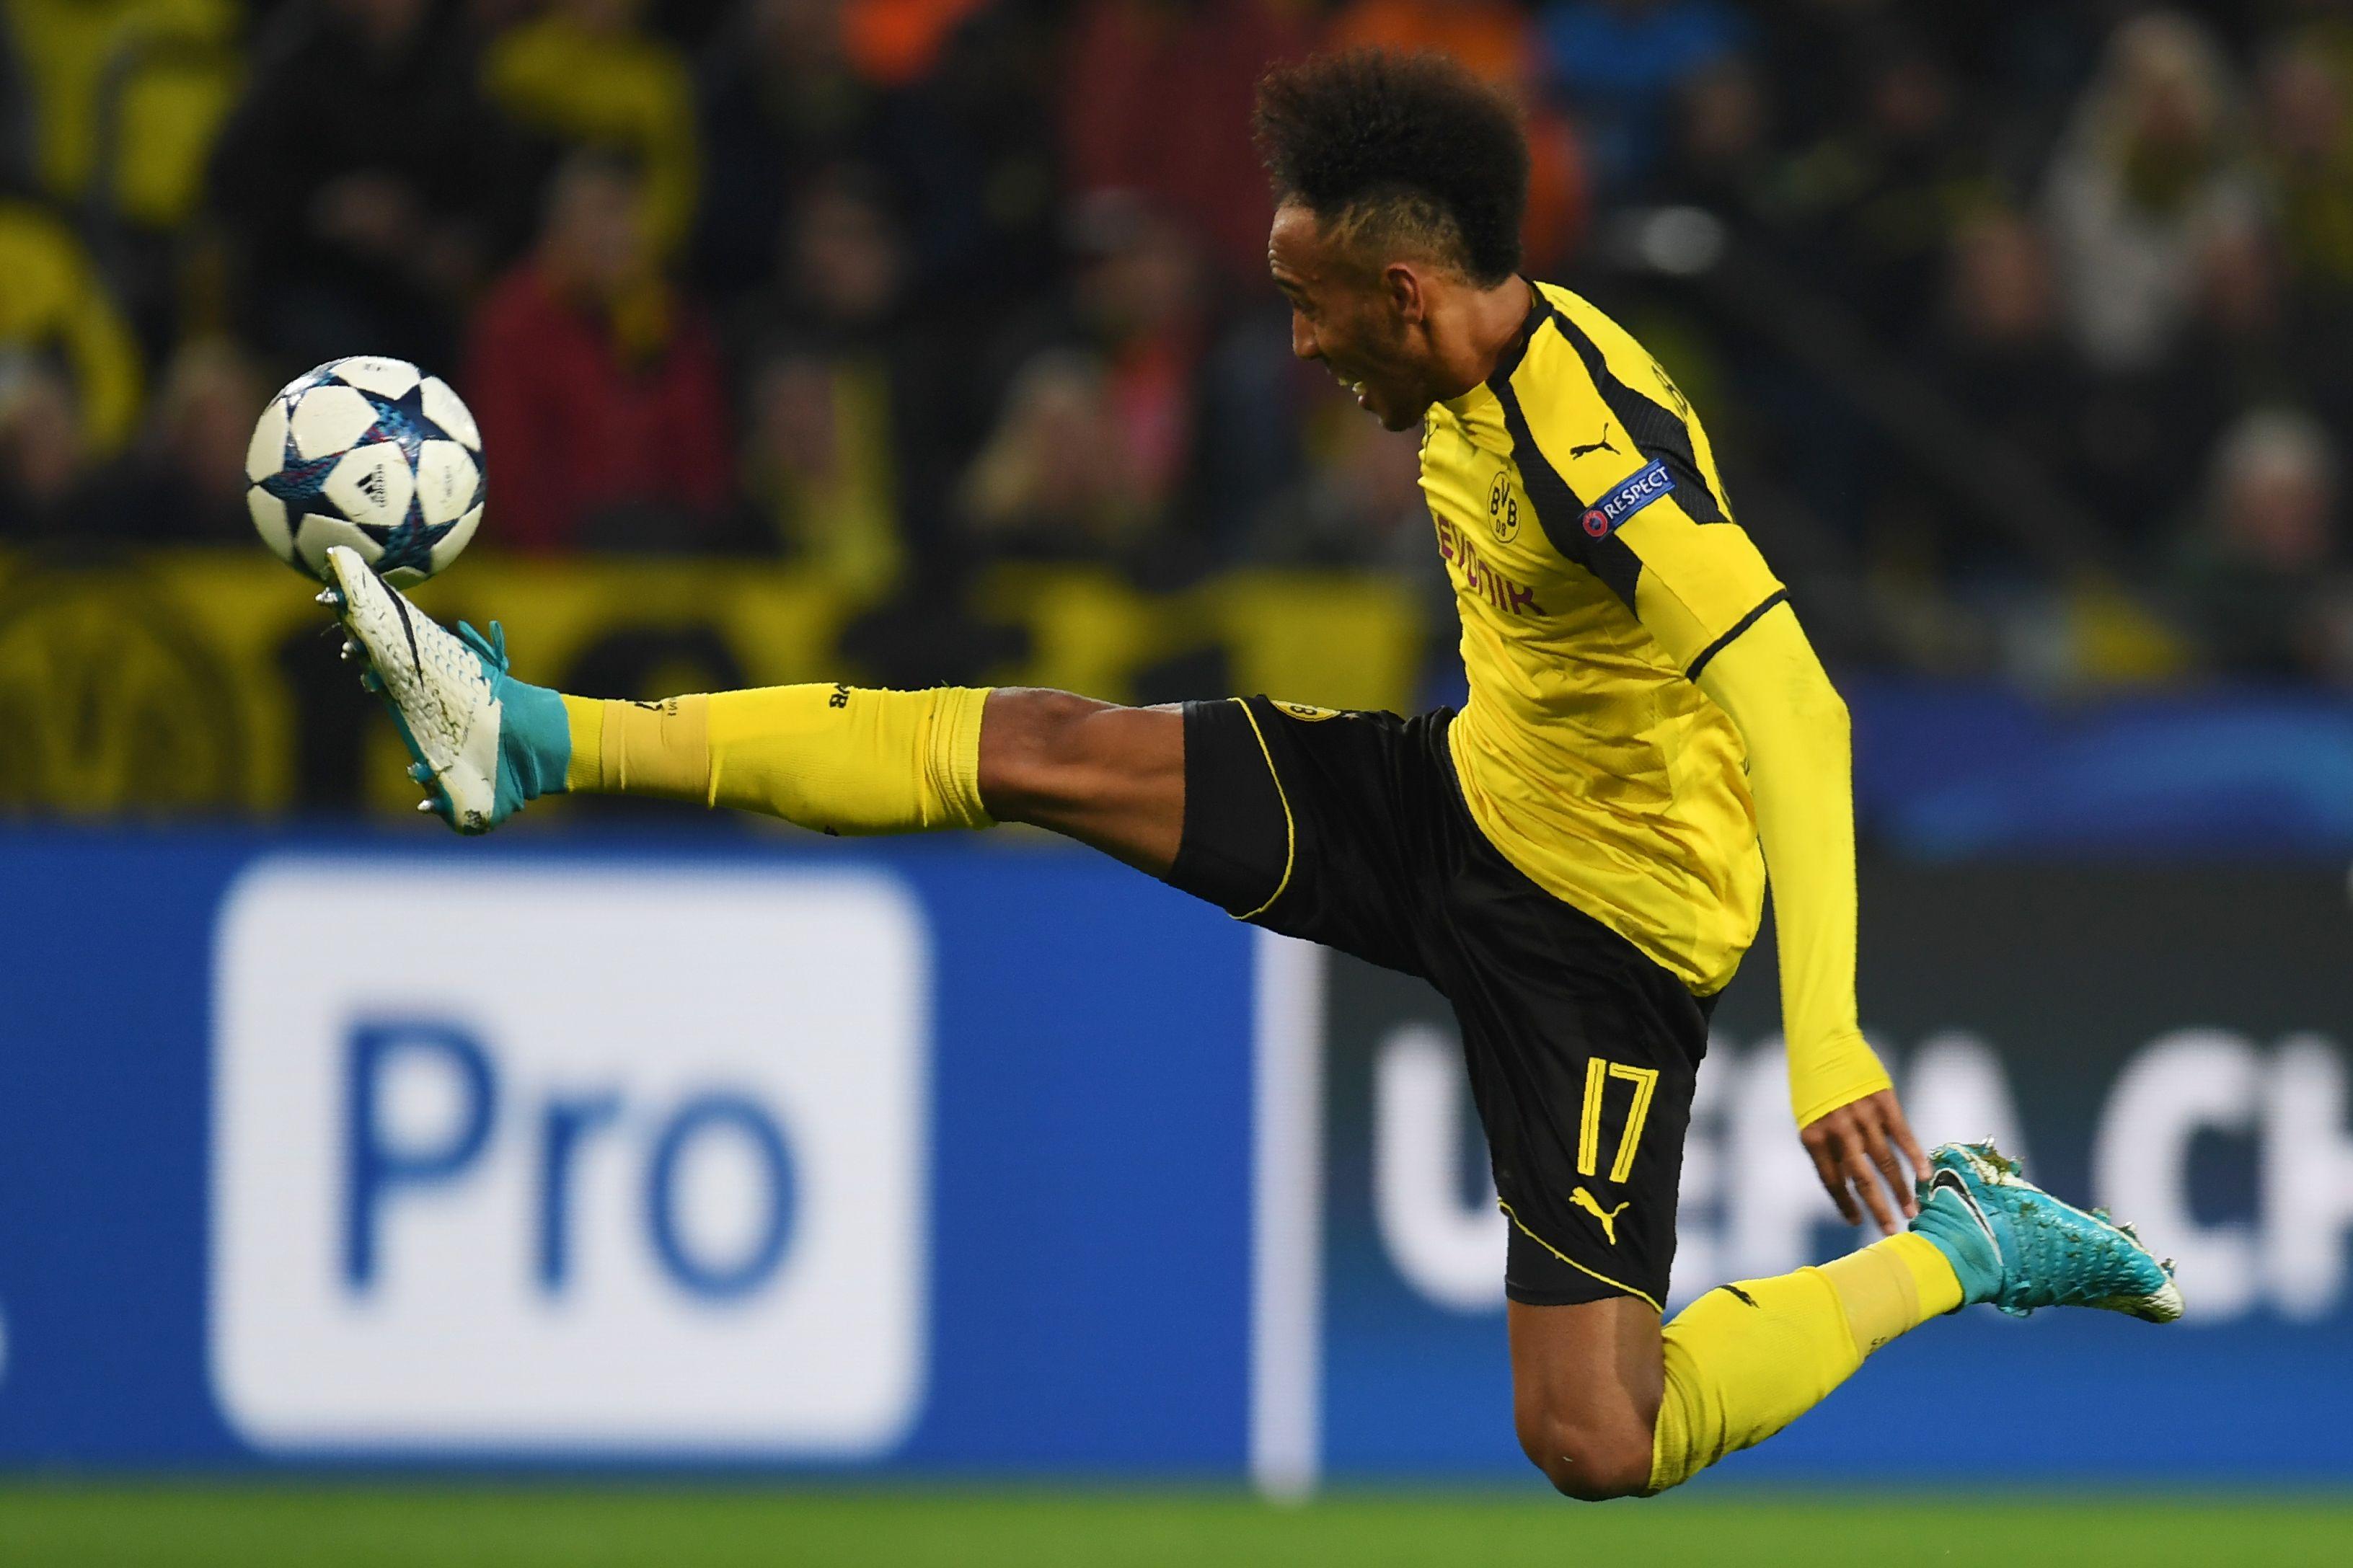 Borussia Dortmund vs. Monaco live score, Borussia Dortmund vs. Monaco highlights, dortmund monaco score, dortmund monaco goal, dortmund monaco goal highlights